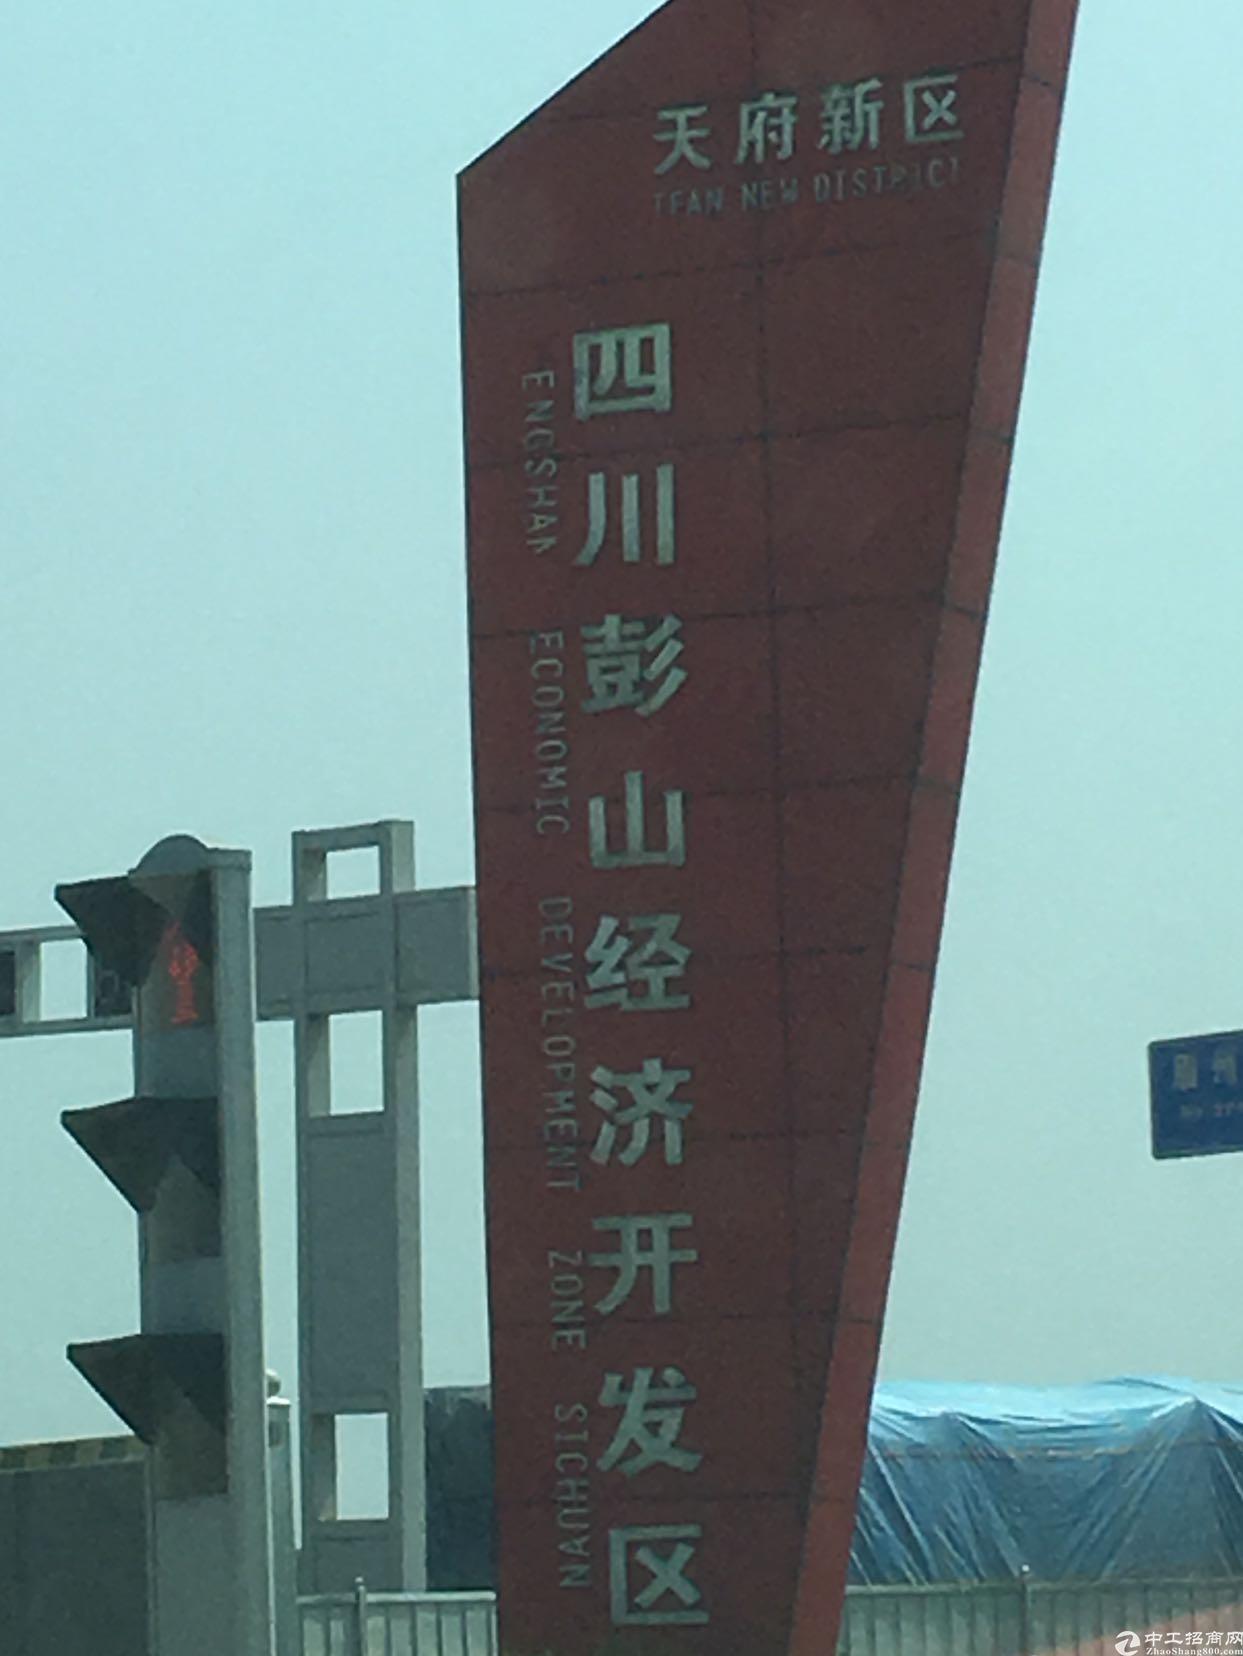 天府新区彭山青龙工业园30亩出售